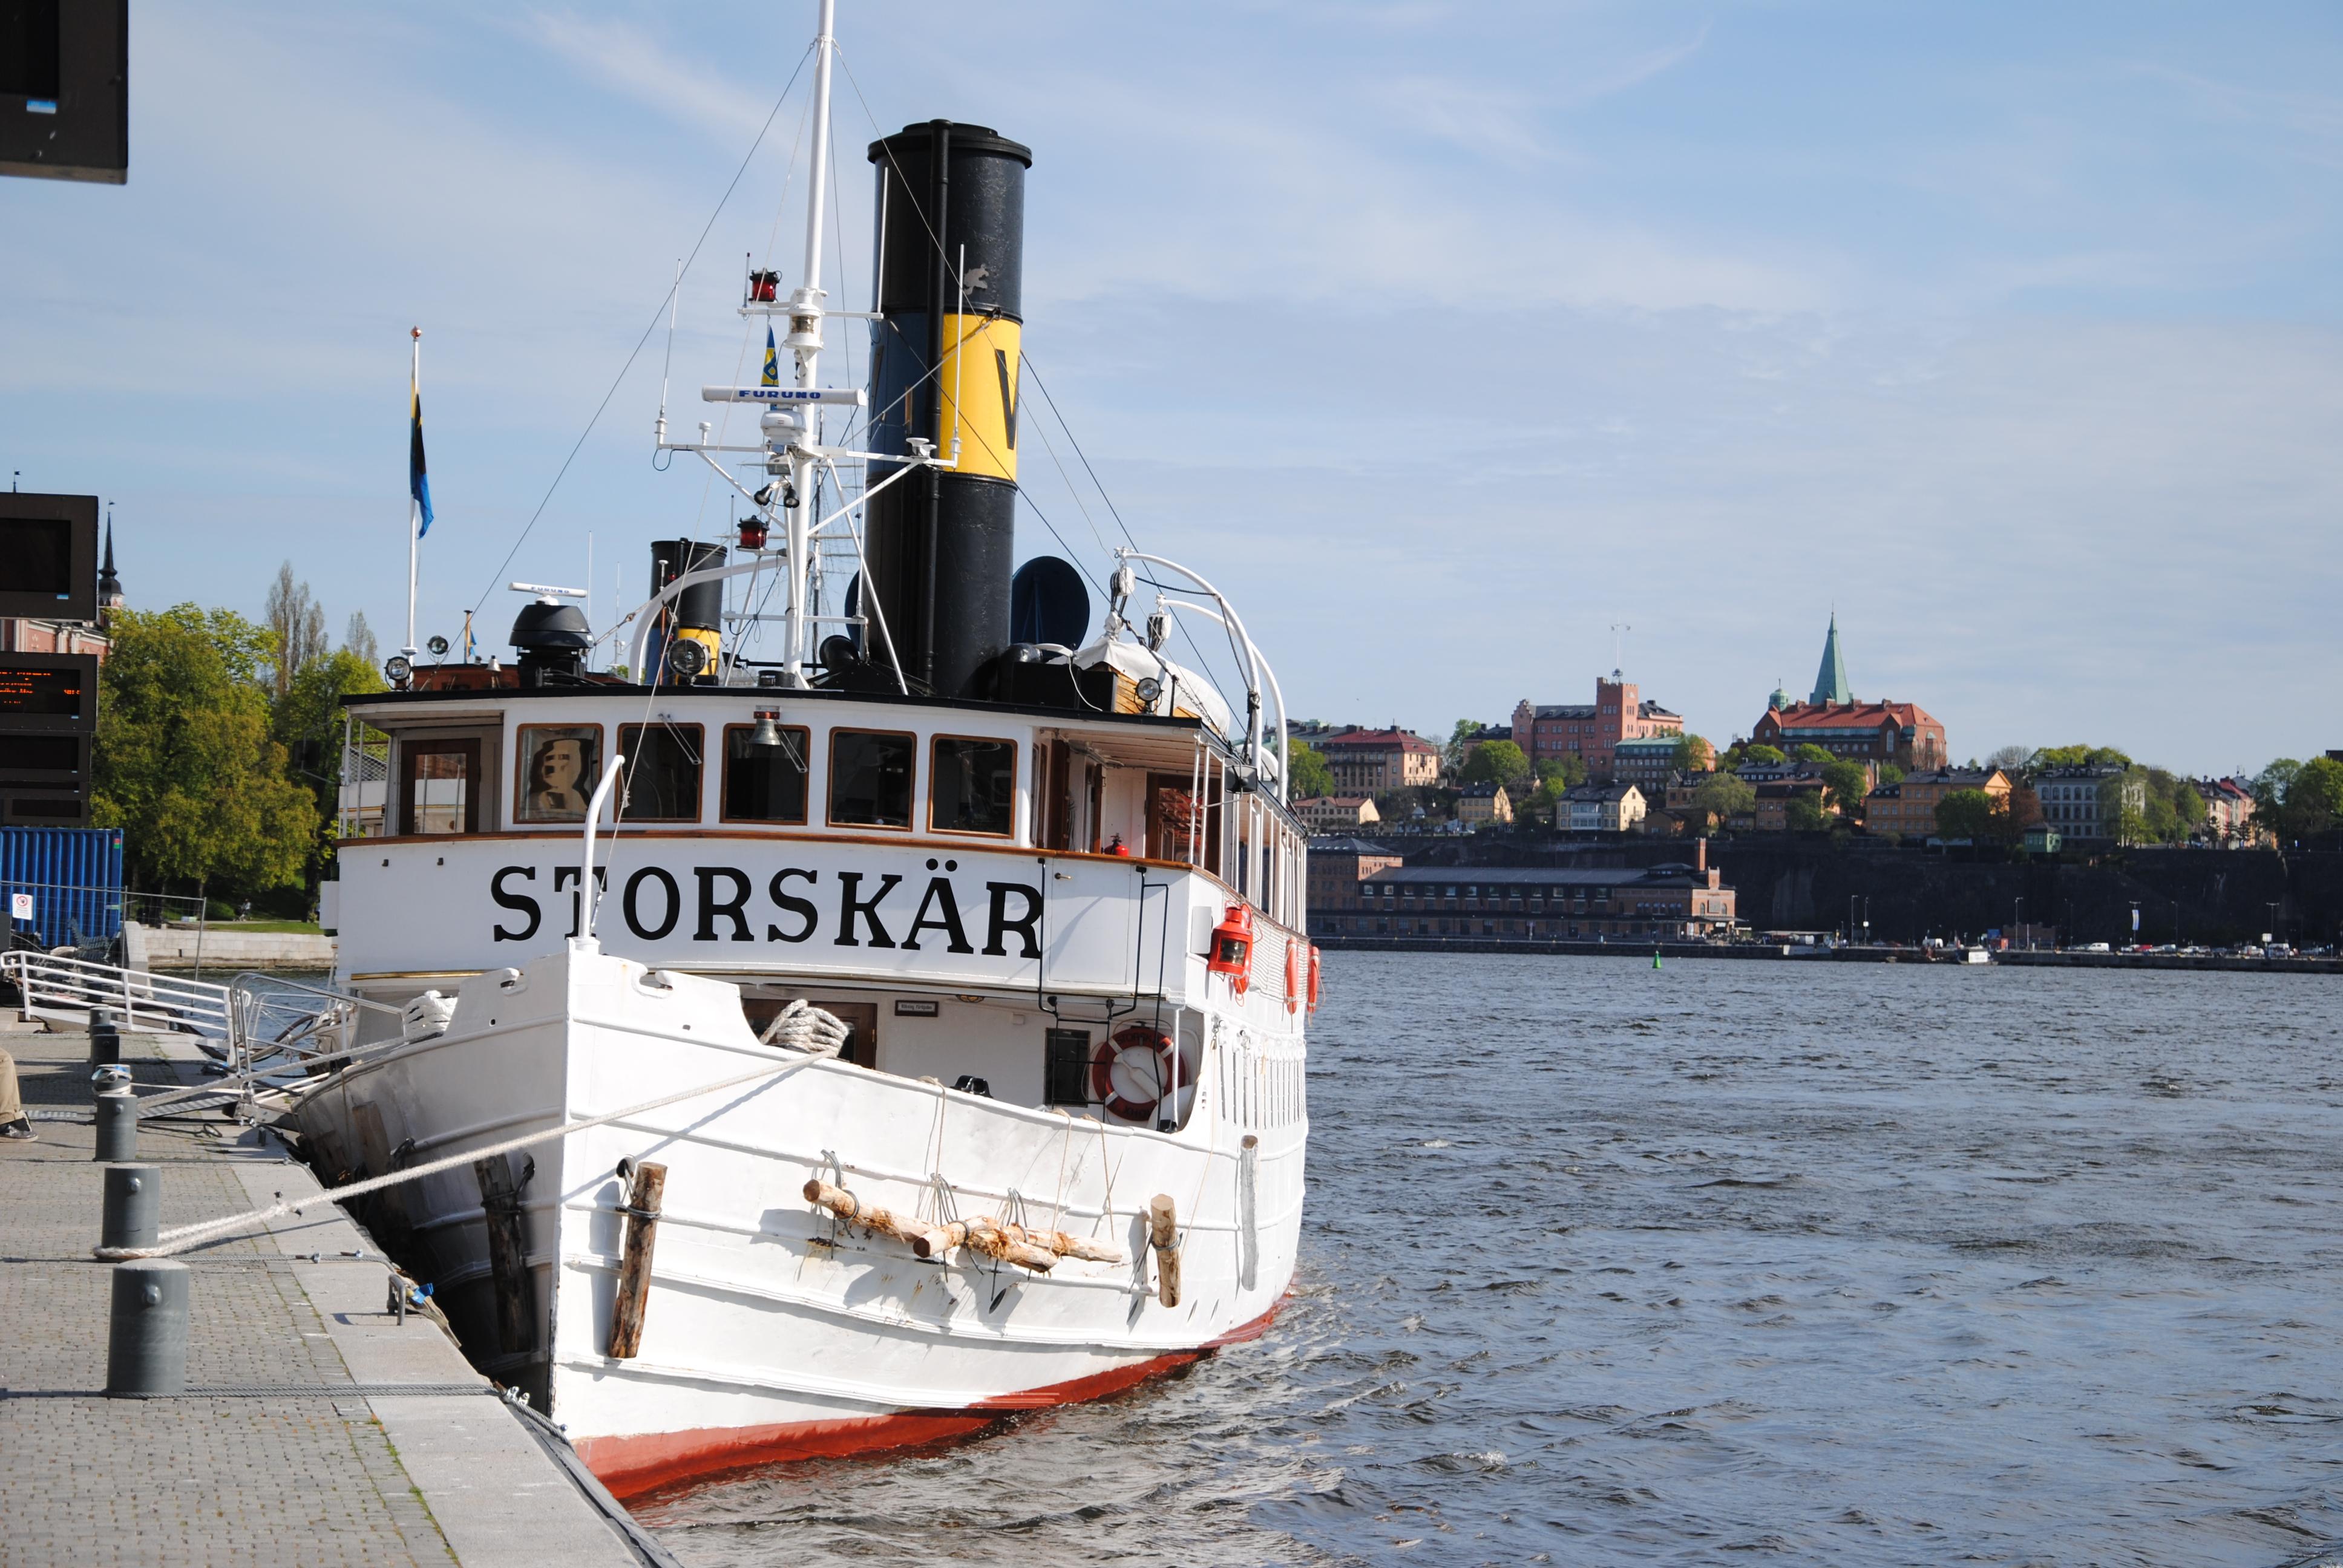 Den drygt hundraåriga skönheten Storskär ligger vi kajen i stan och väntar på att få göra ännu en av sina många turer ut i Stockholms vackra skärgård. En klassisk Stockholmscen som vi ska vara rädda om.